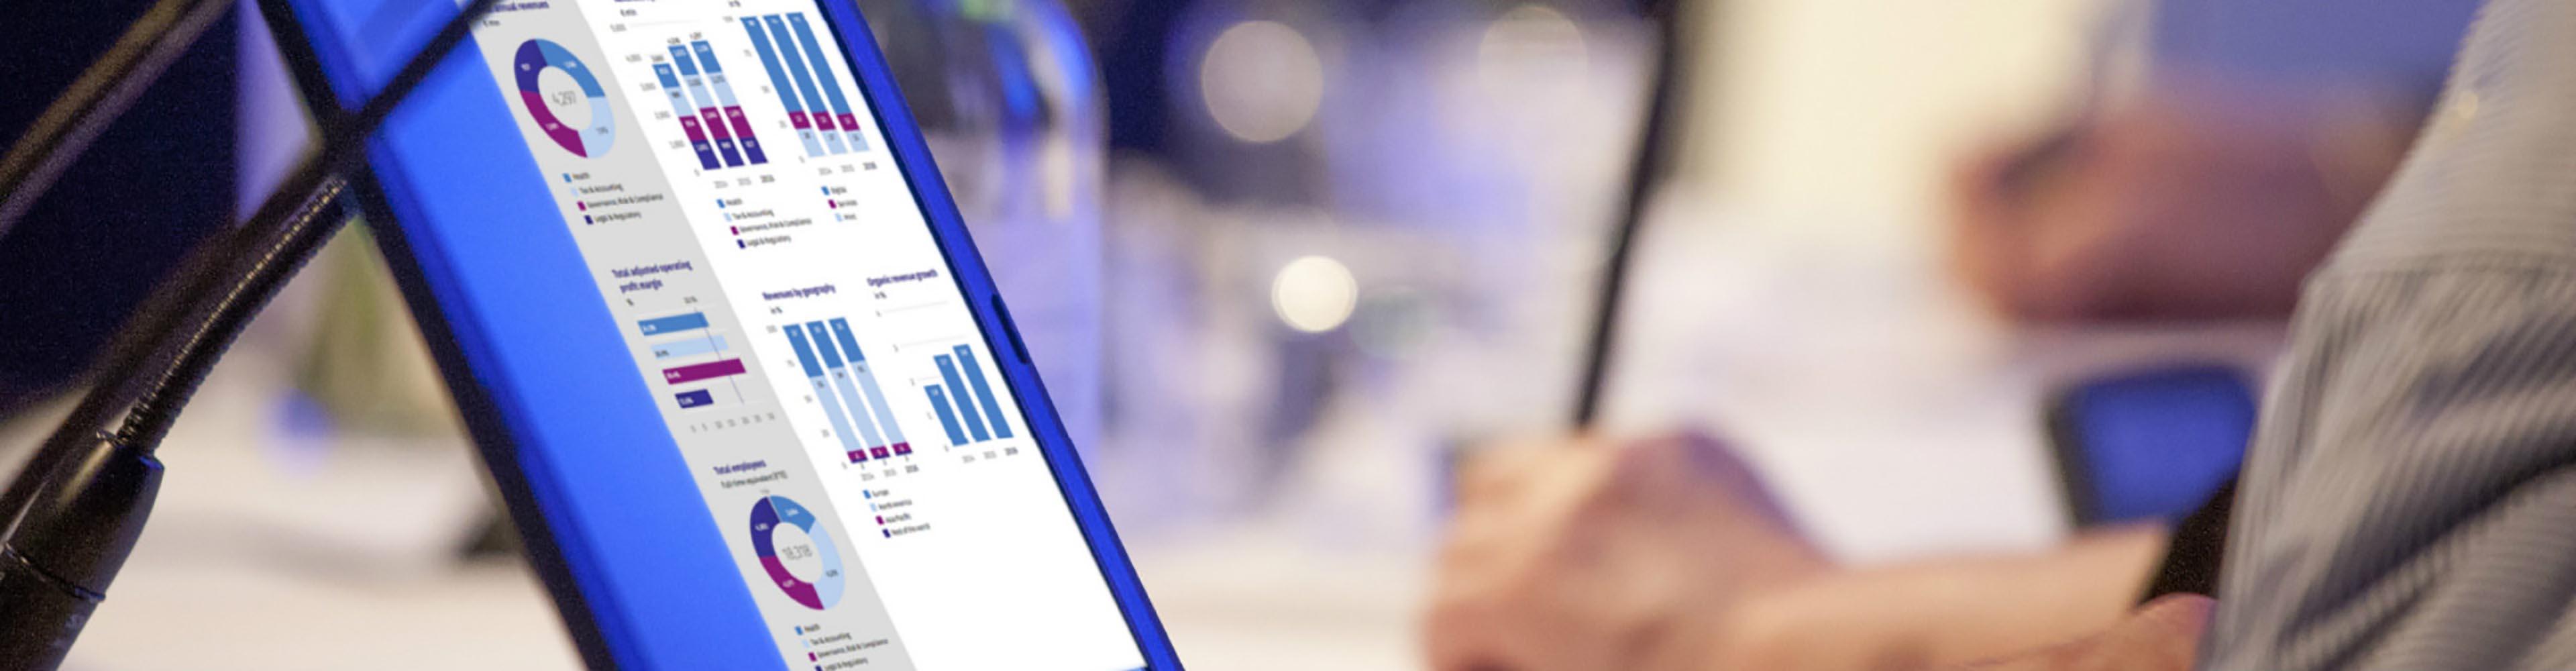 Forudinspillet webinar: Se hvordan du kan afholde et virtuelt regnskabsmøde i fremtiden